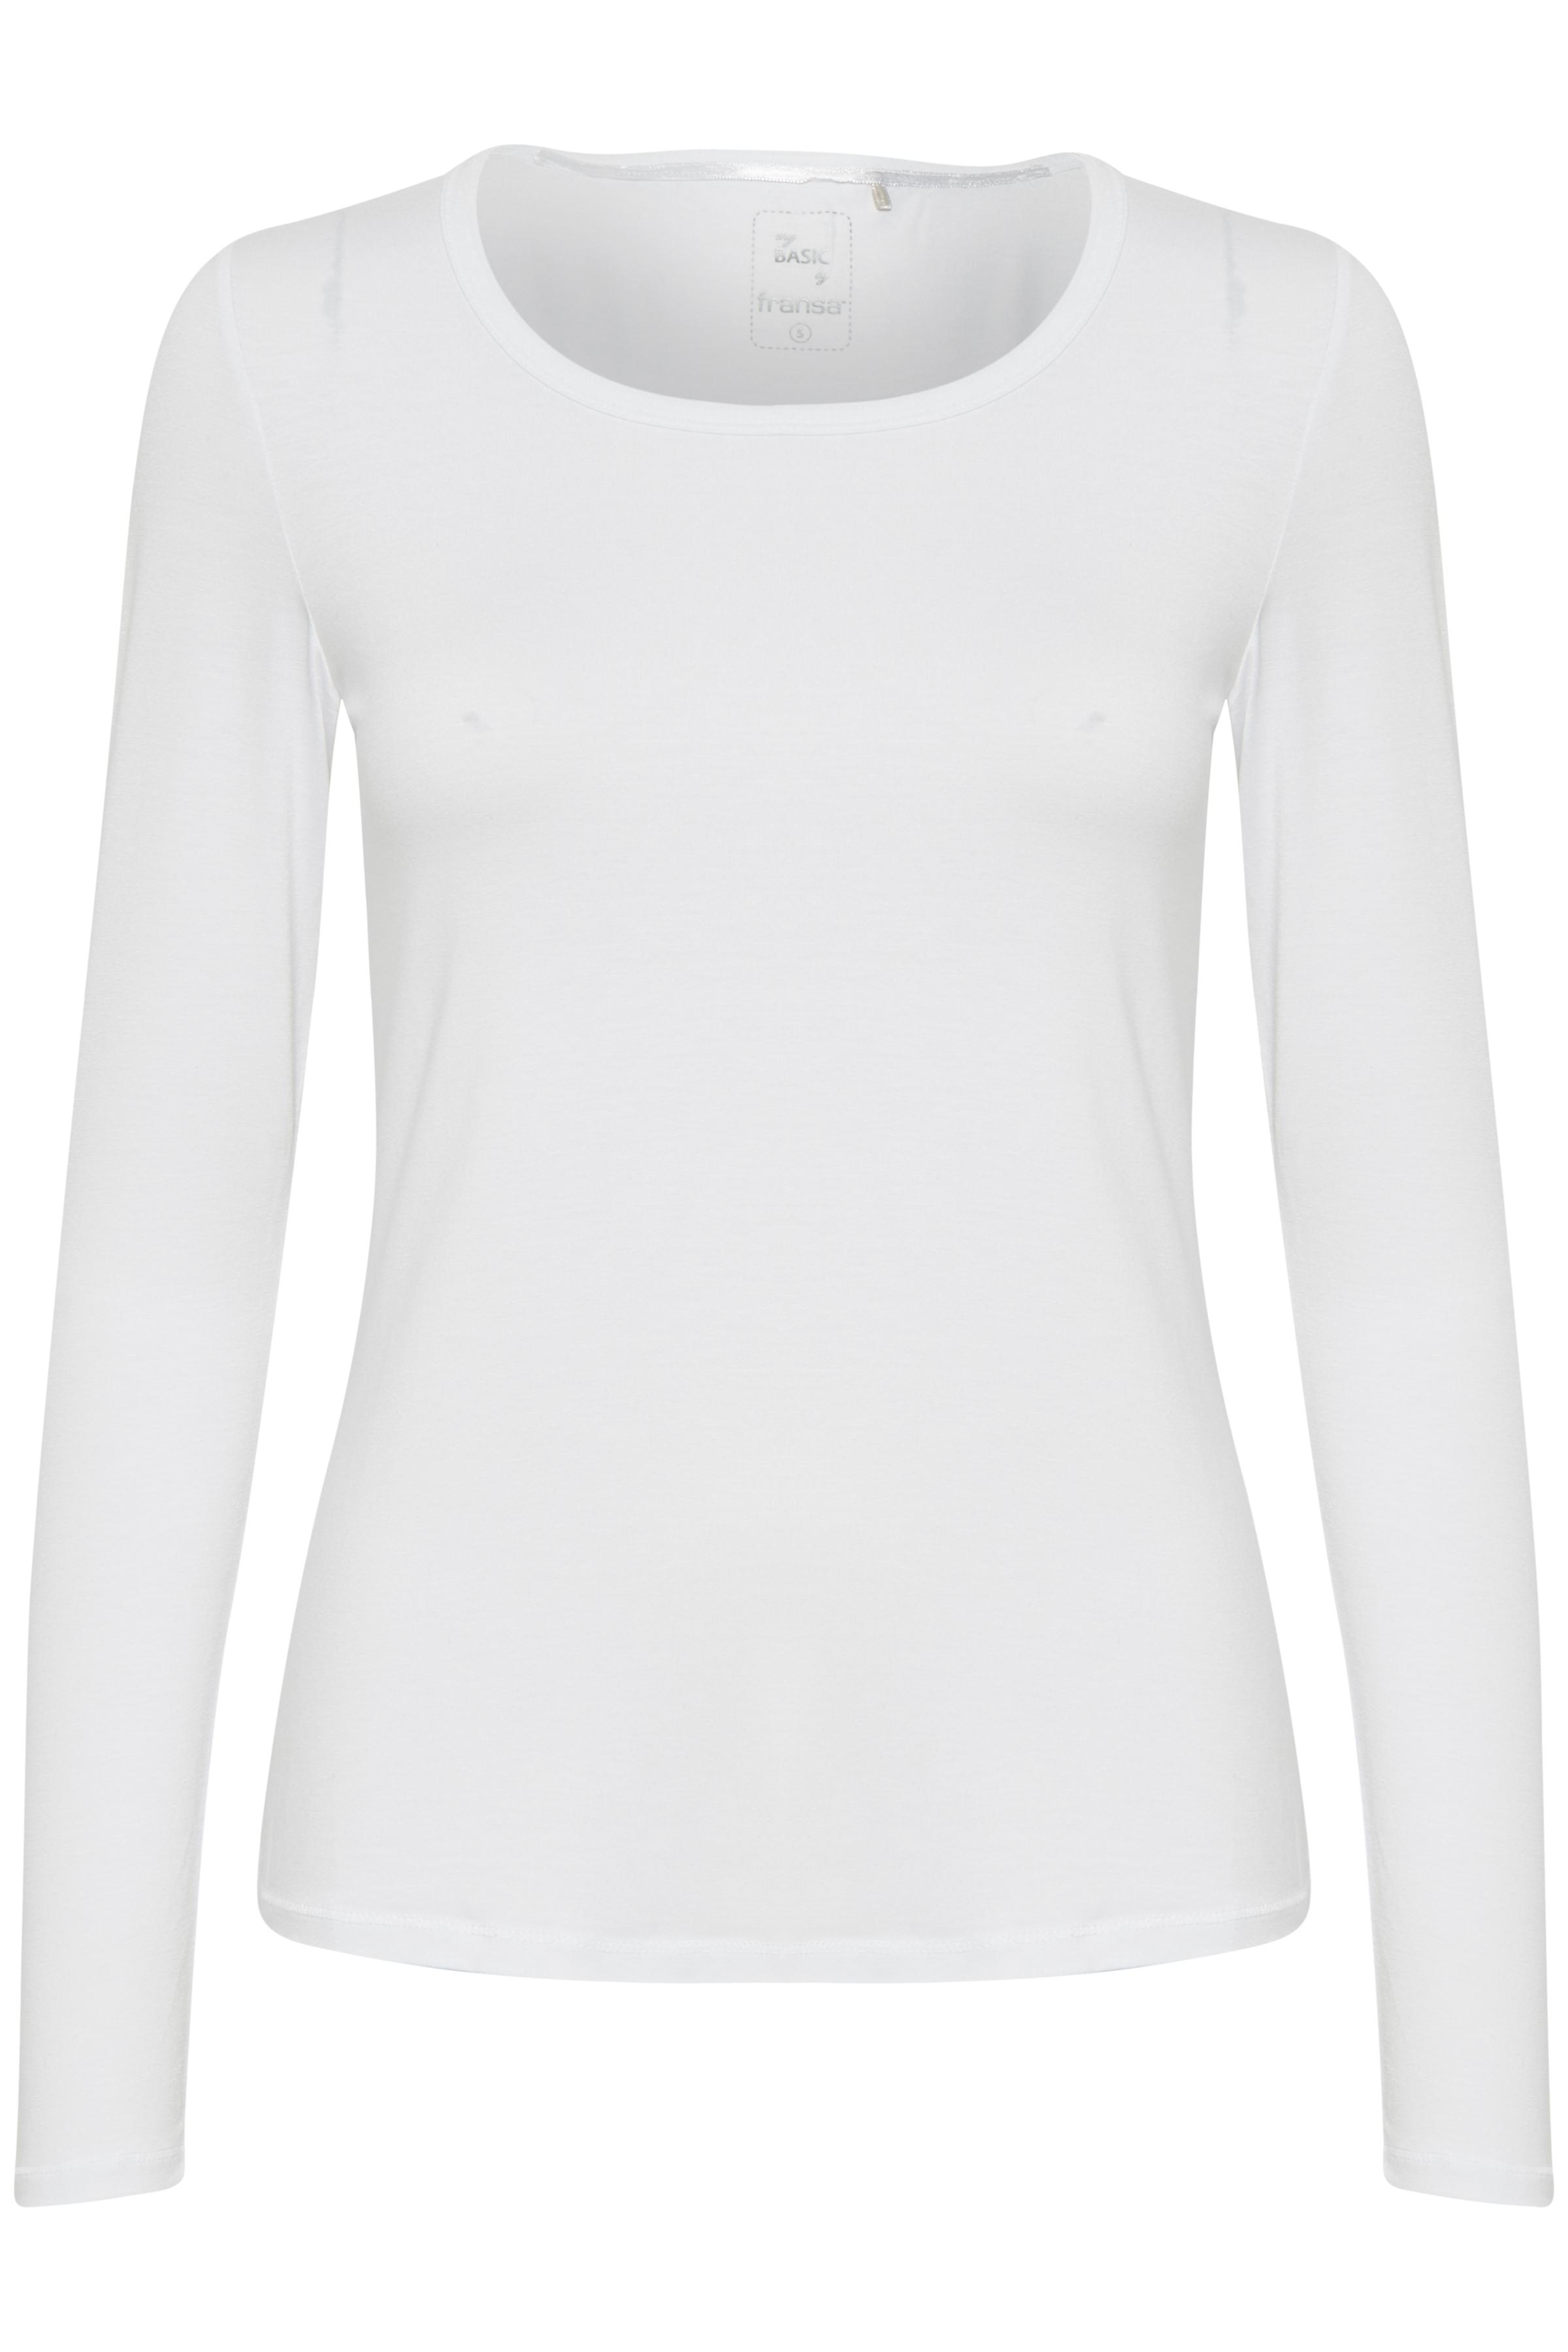 Hvid Langærmet T-shirt fra Fransa – Køb Hvid Langærmet T-shirt fra str. XS-XXL her